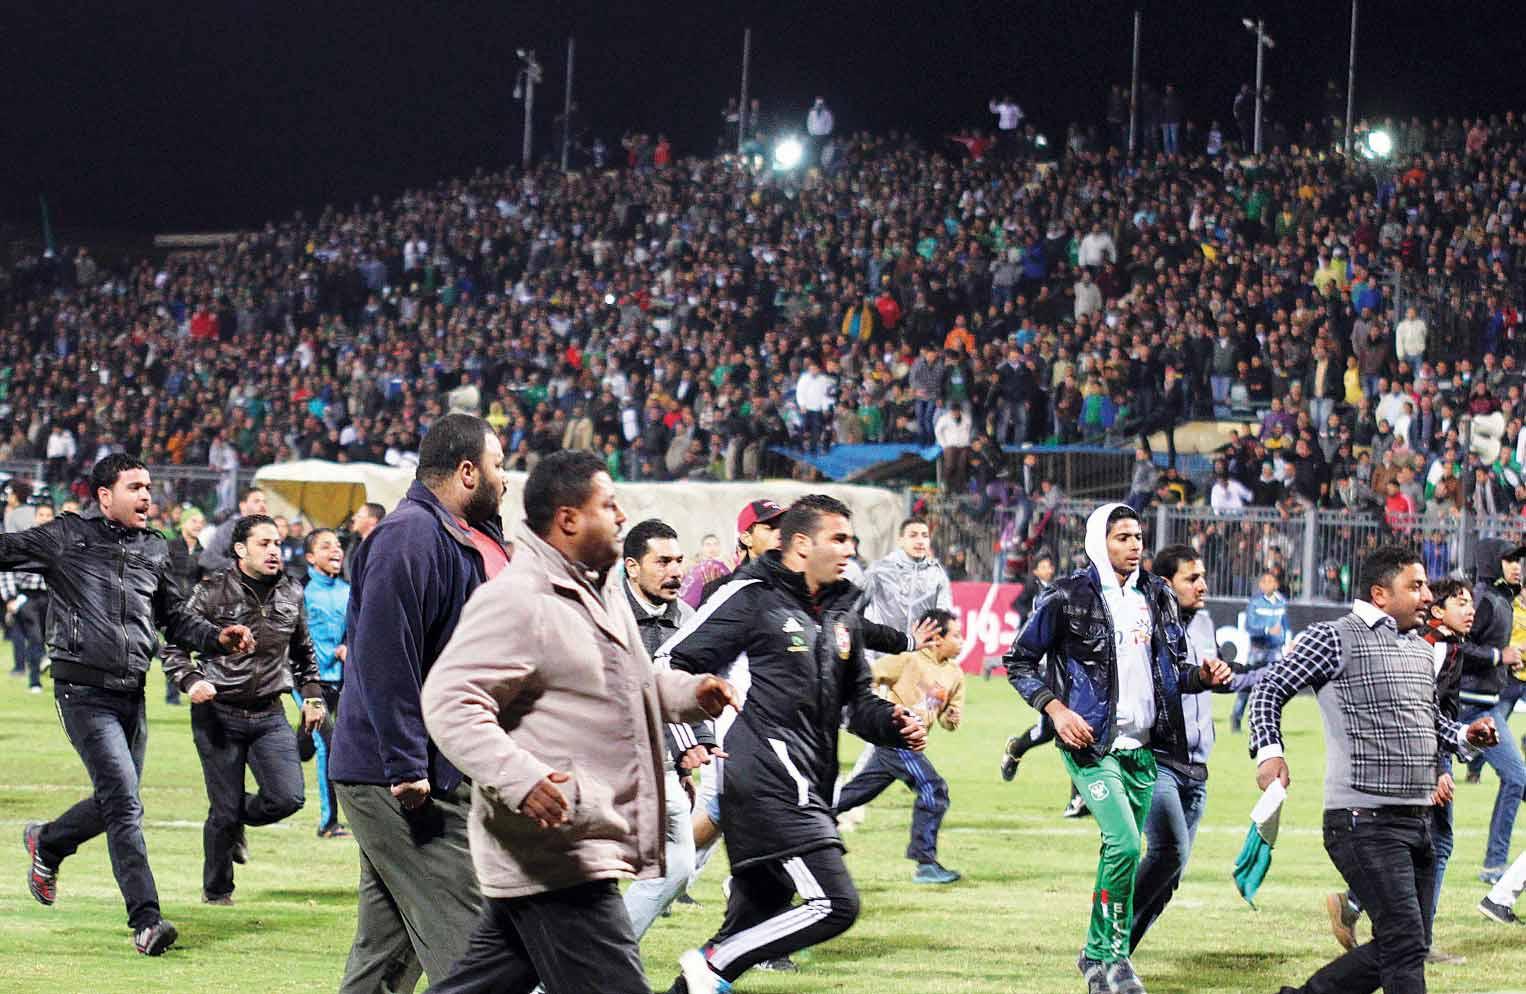 النقض تؤيد إعدام المتهمين بمذبحة بورسعيد